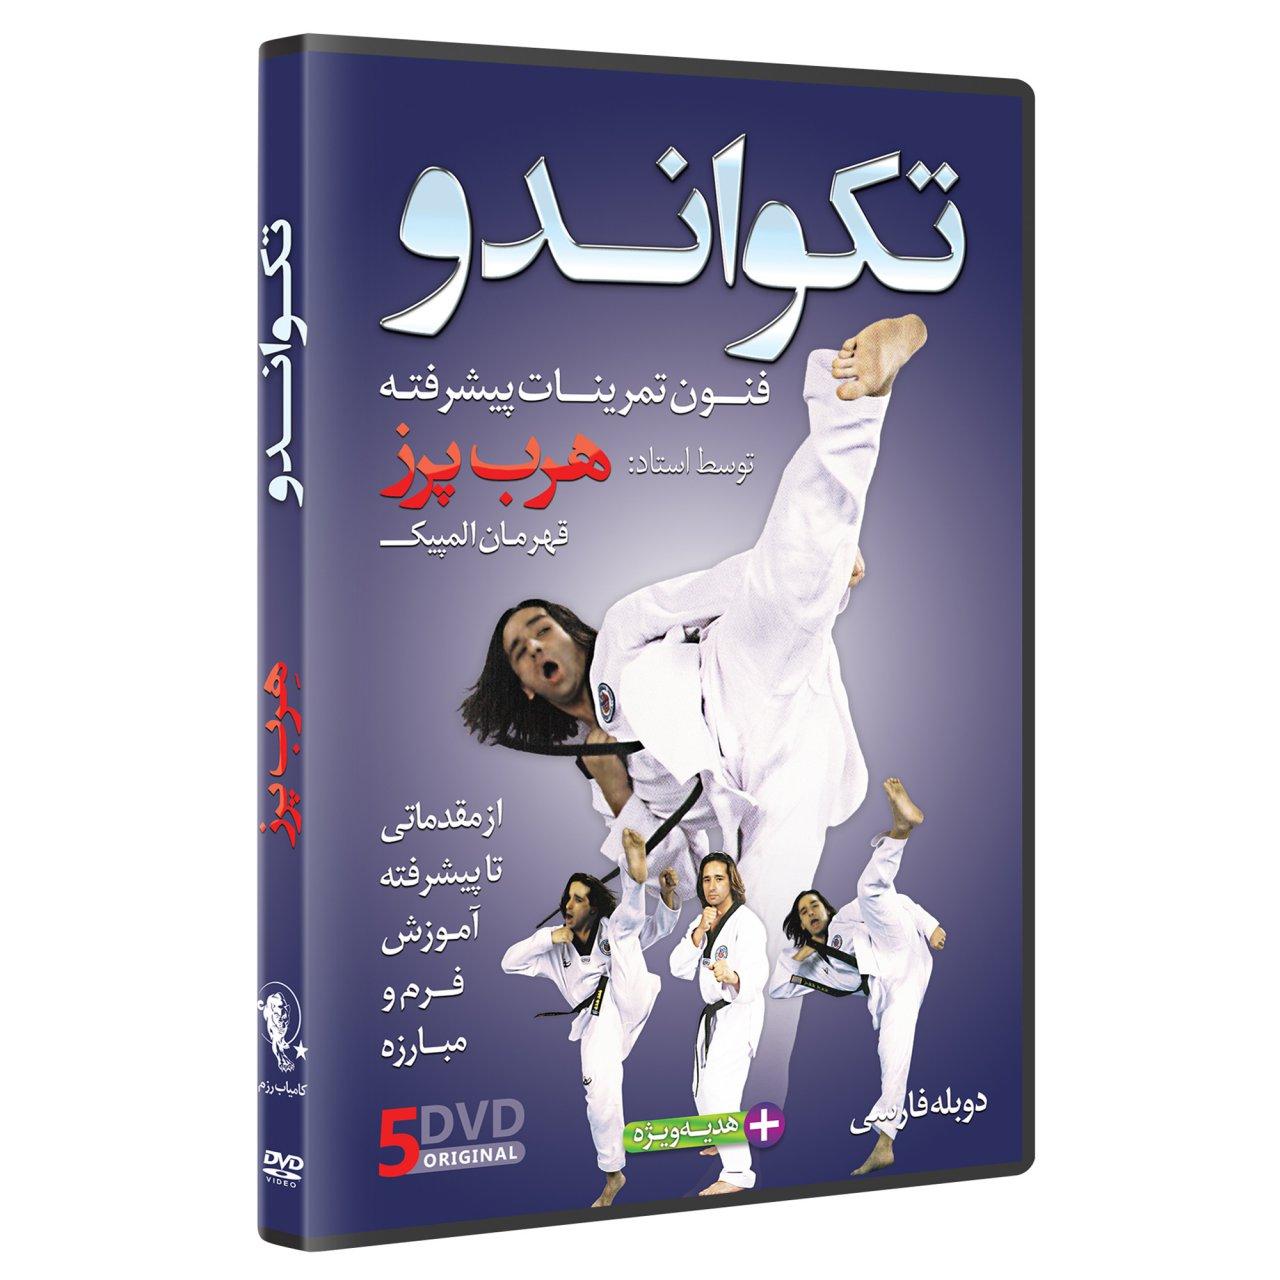 مجموعه آموزشی تکواندو از مبتدی تا پیشرفته 5 حلقه DVD